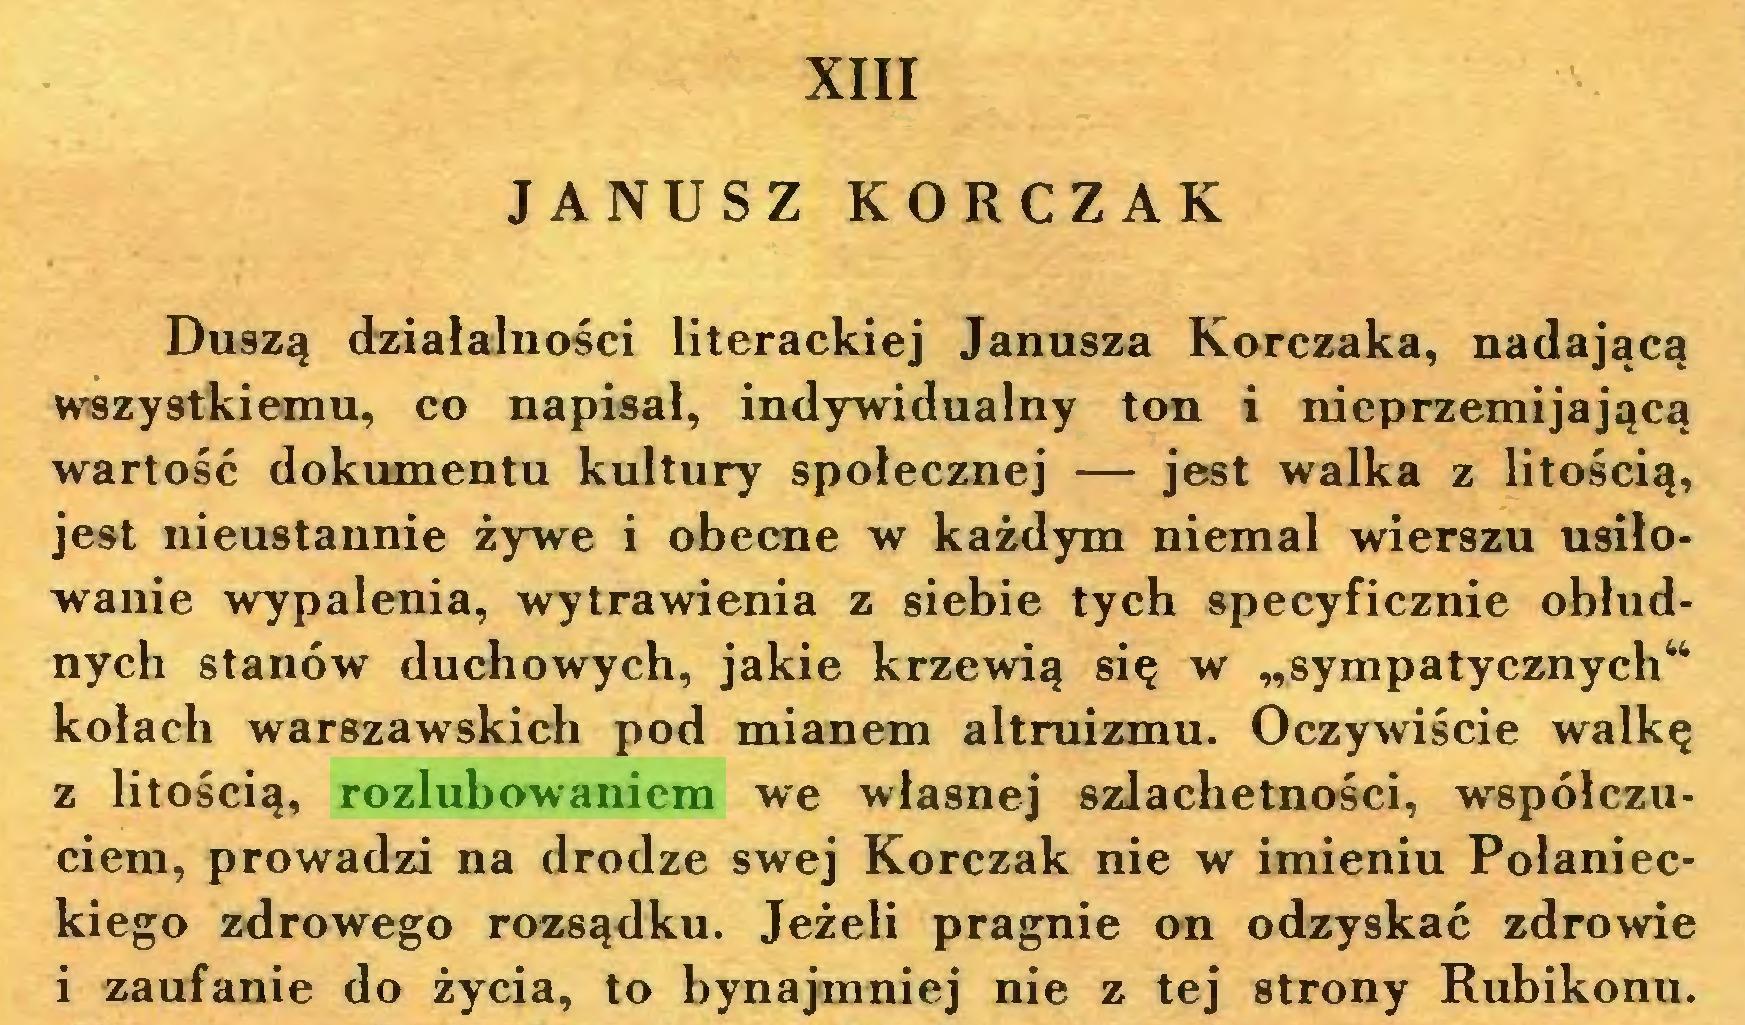 """(...) XIII JANUSZ KORCZAK Duszą działalności literackiej Janusza Korczaka, nadającą wszystkiemu, co napisał, indywidualny ton i nieprzemijającą wartość dokumentu kultury społecznej — jest walka z litością, jest nieustannie żywe i obecne w każdym niemal wierszu usiłowanie wypalenia, wytrawienia z siebie tych specyficznie obłudnych stanów duchowych, jakie krzewią się w """"sympatycznych"""" kołach warszawskich pod mianem altruizmu. Oczywiście walkę z litością, rozlubowaniem we własnej szlachetności, współczuciem, prowadzi na drodze swej Korczak nie w imieniu Połanieckiego zdrowego rozsądku. Jeżeli pragnie on odzyskać zdrowie i zaufanie do życia, to bynajmniej nie z tej strony Rubikonu..."""